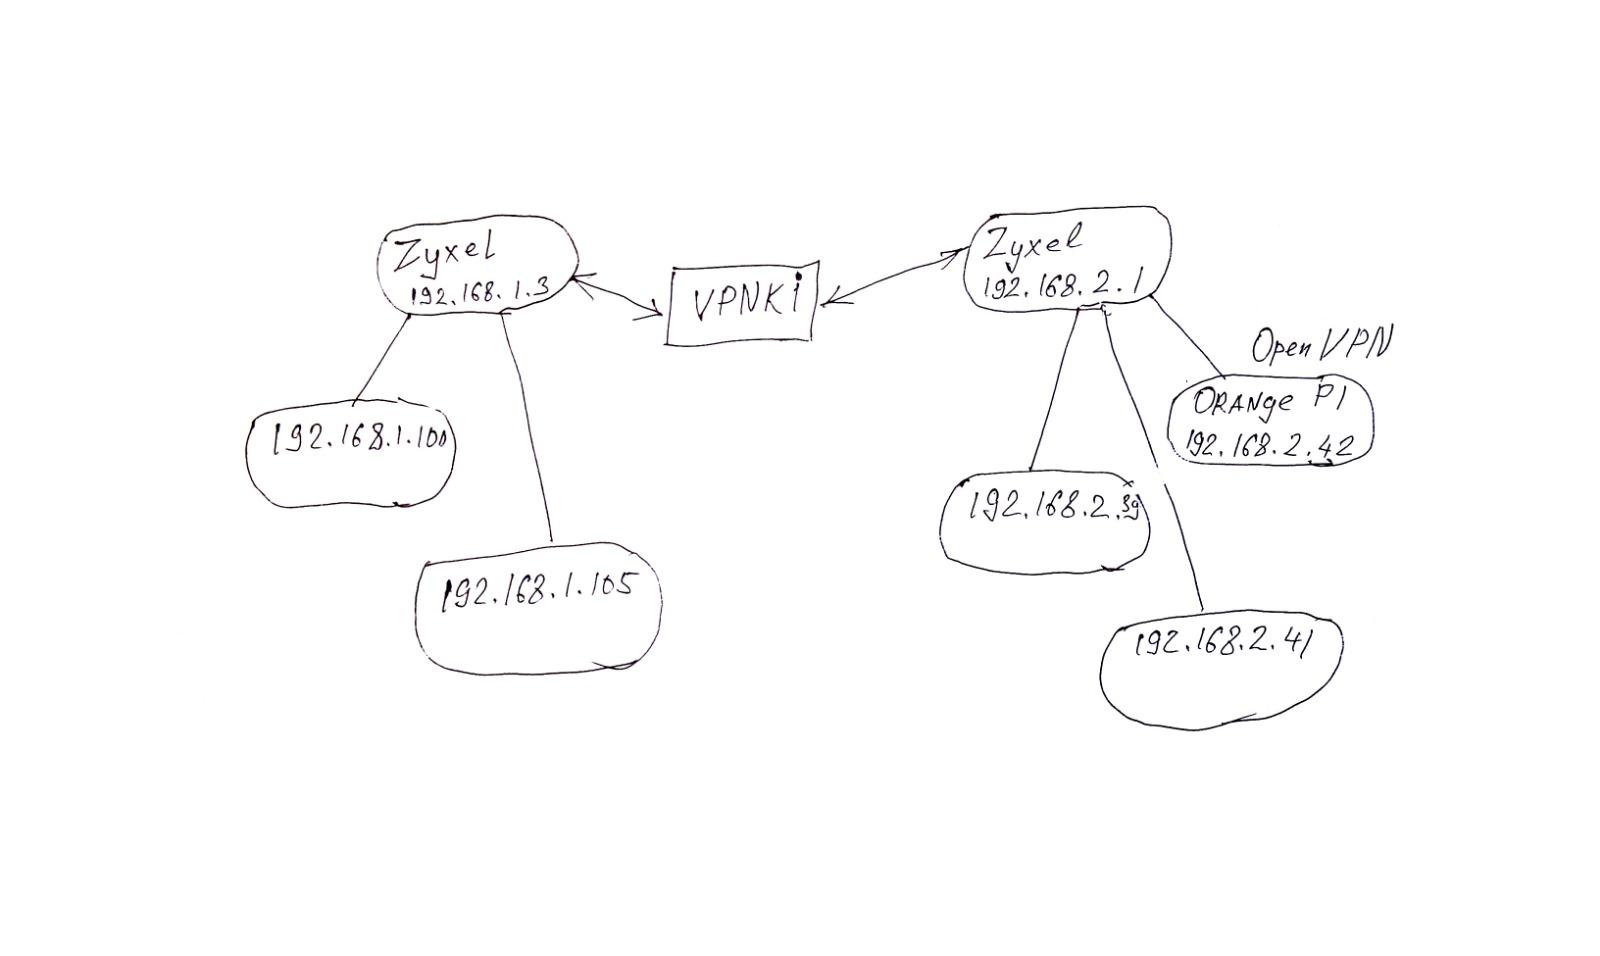 OpenVPN.jpg